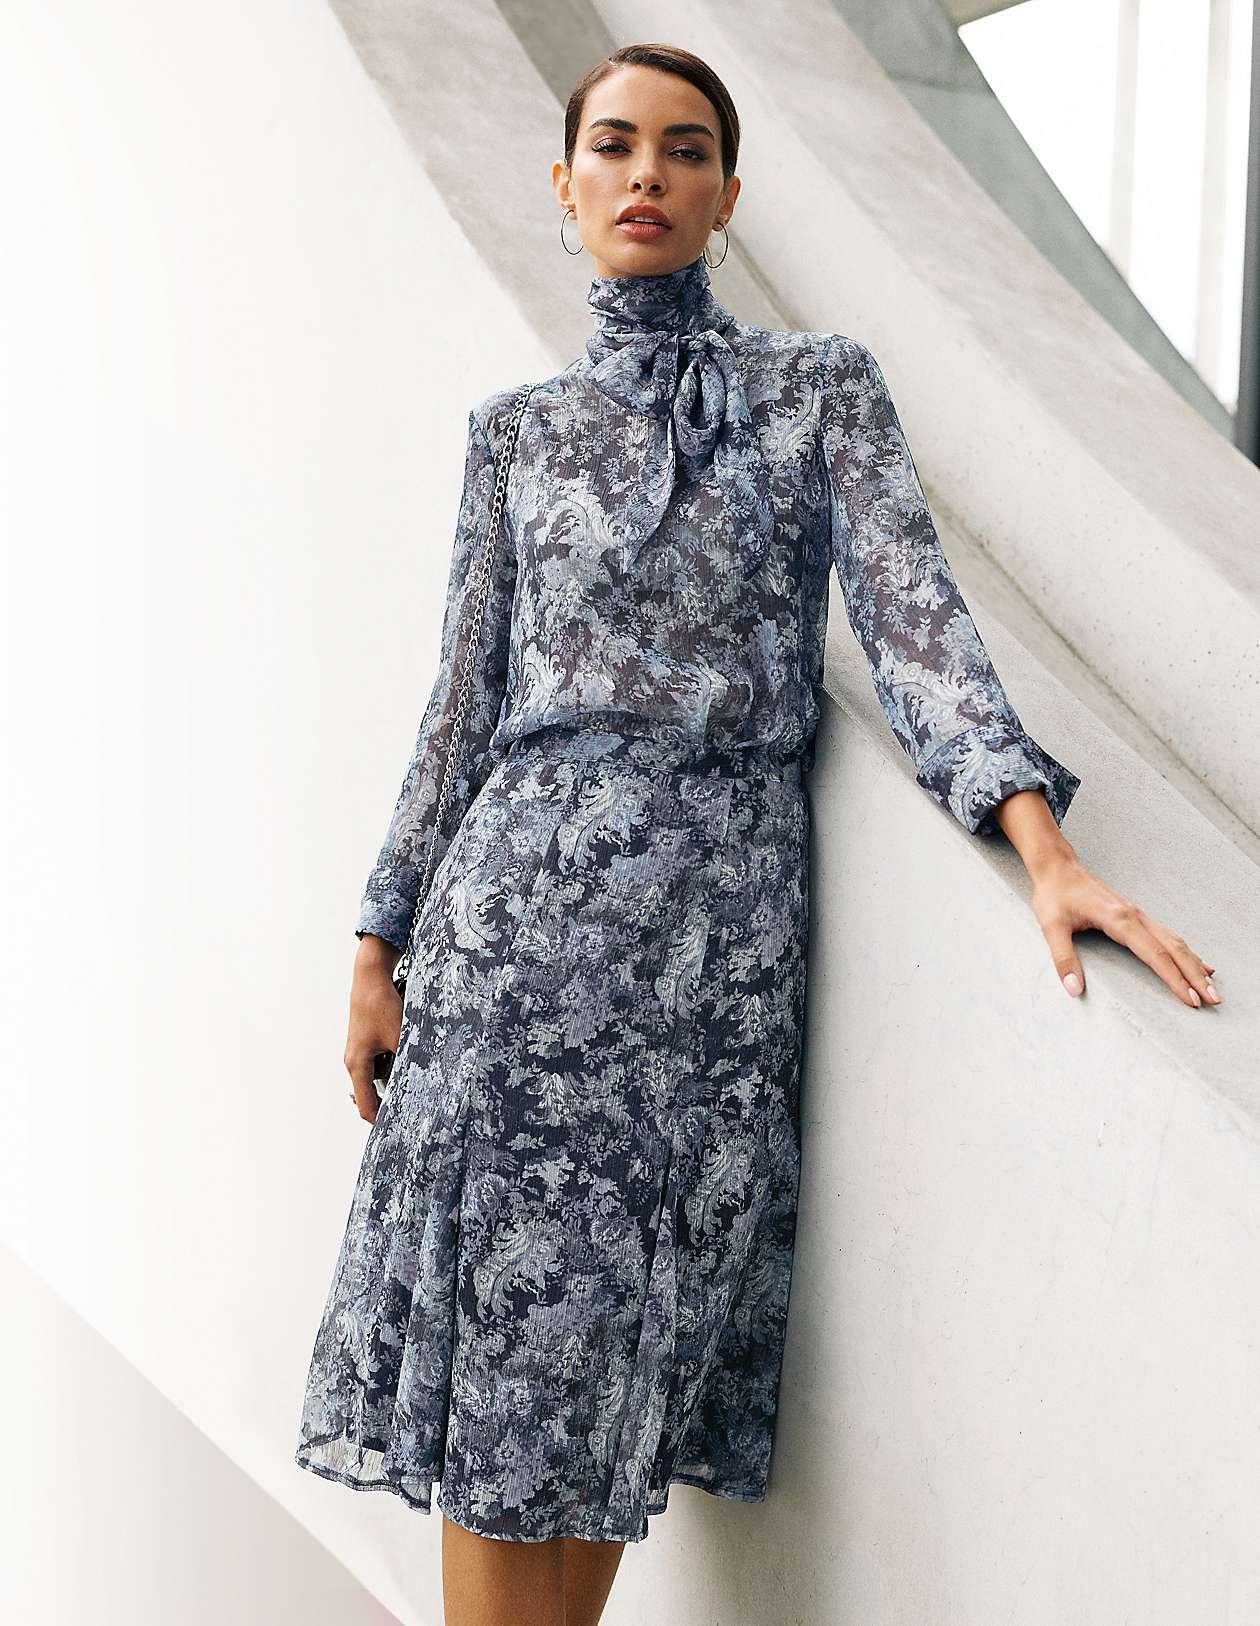 Elegante Und Festliche Rocke Fur Stilbewusste Damen Madeleine Mode